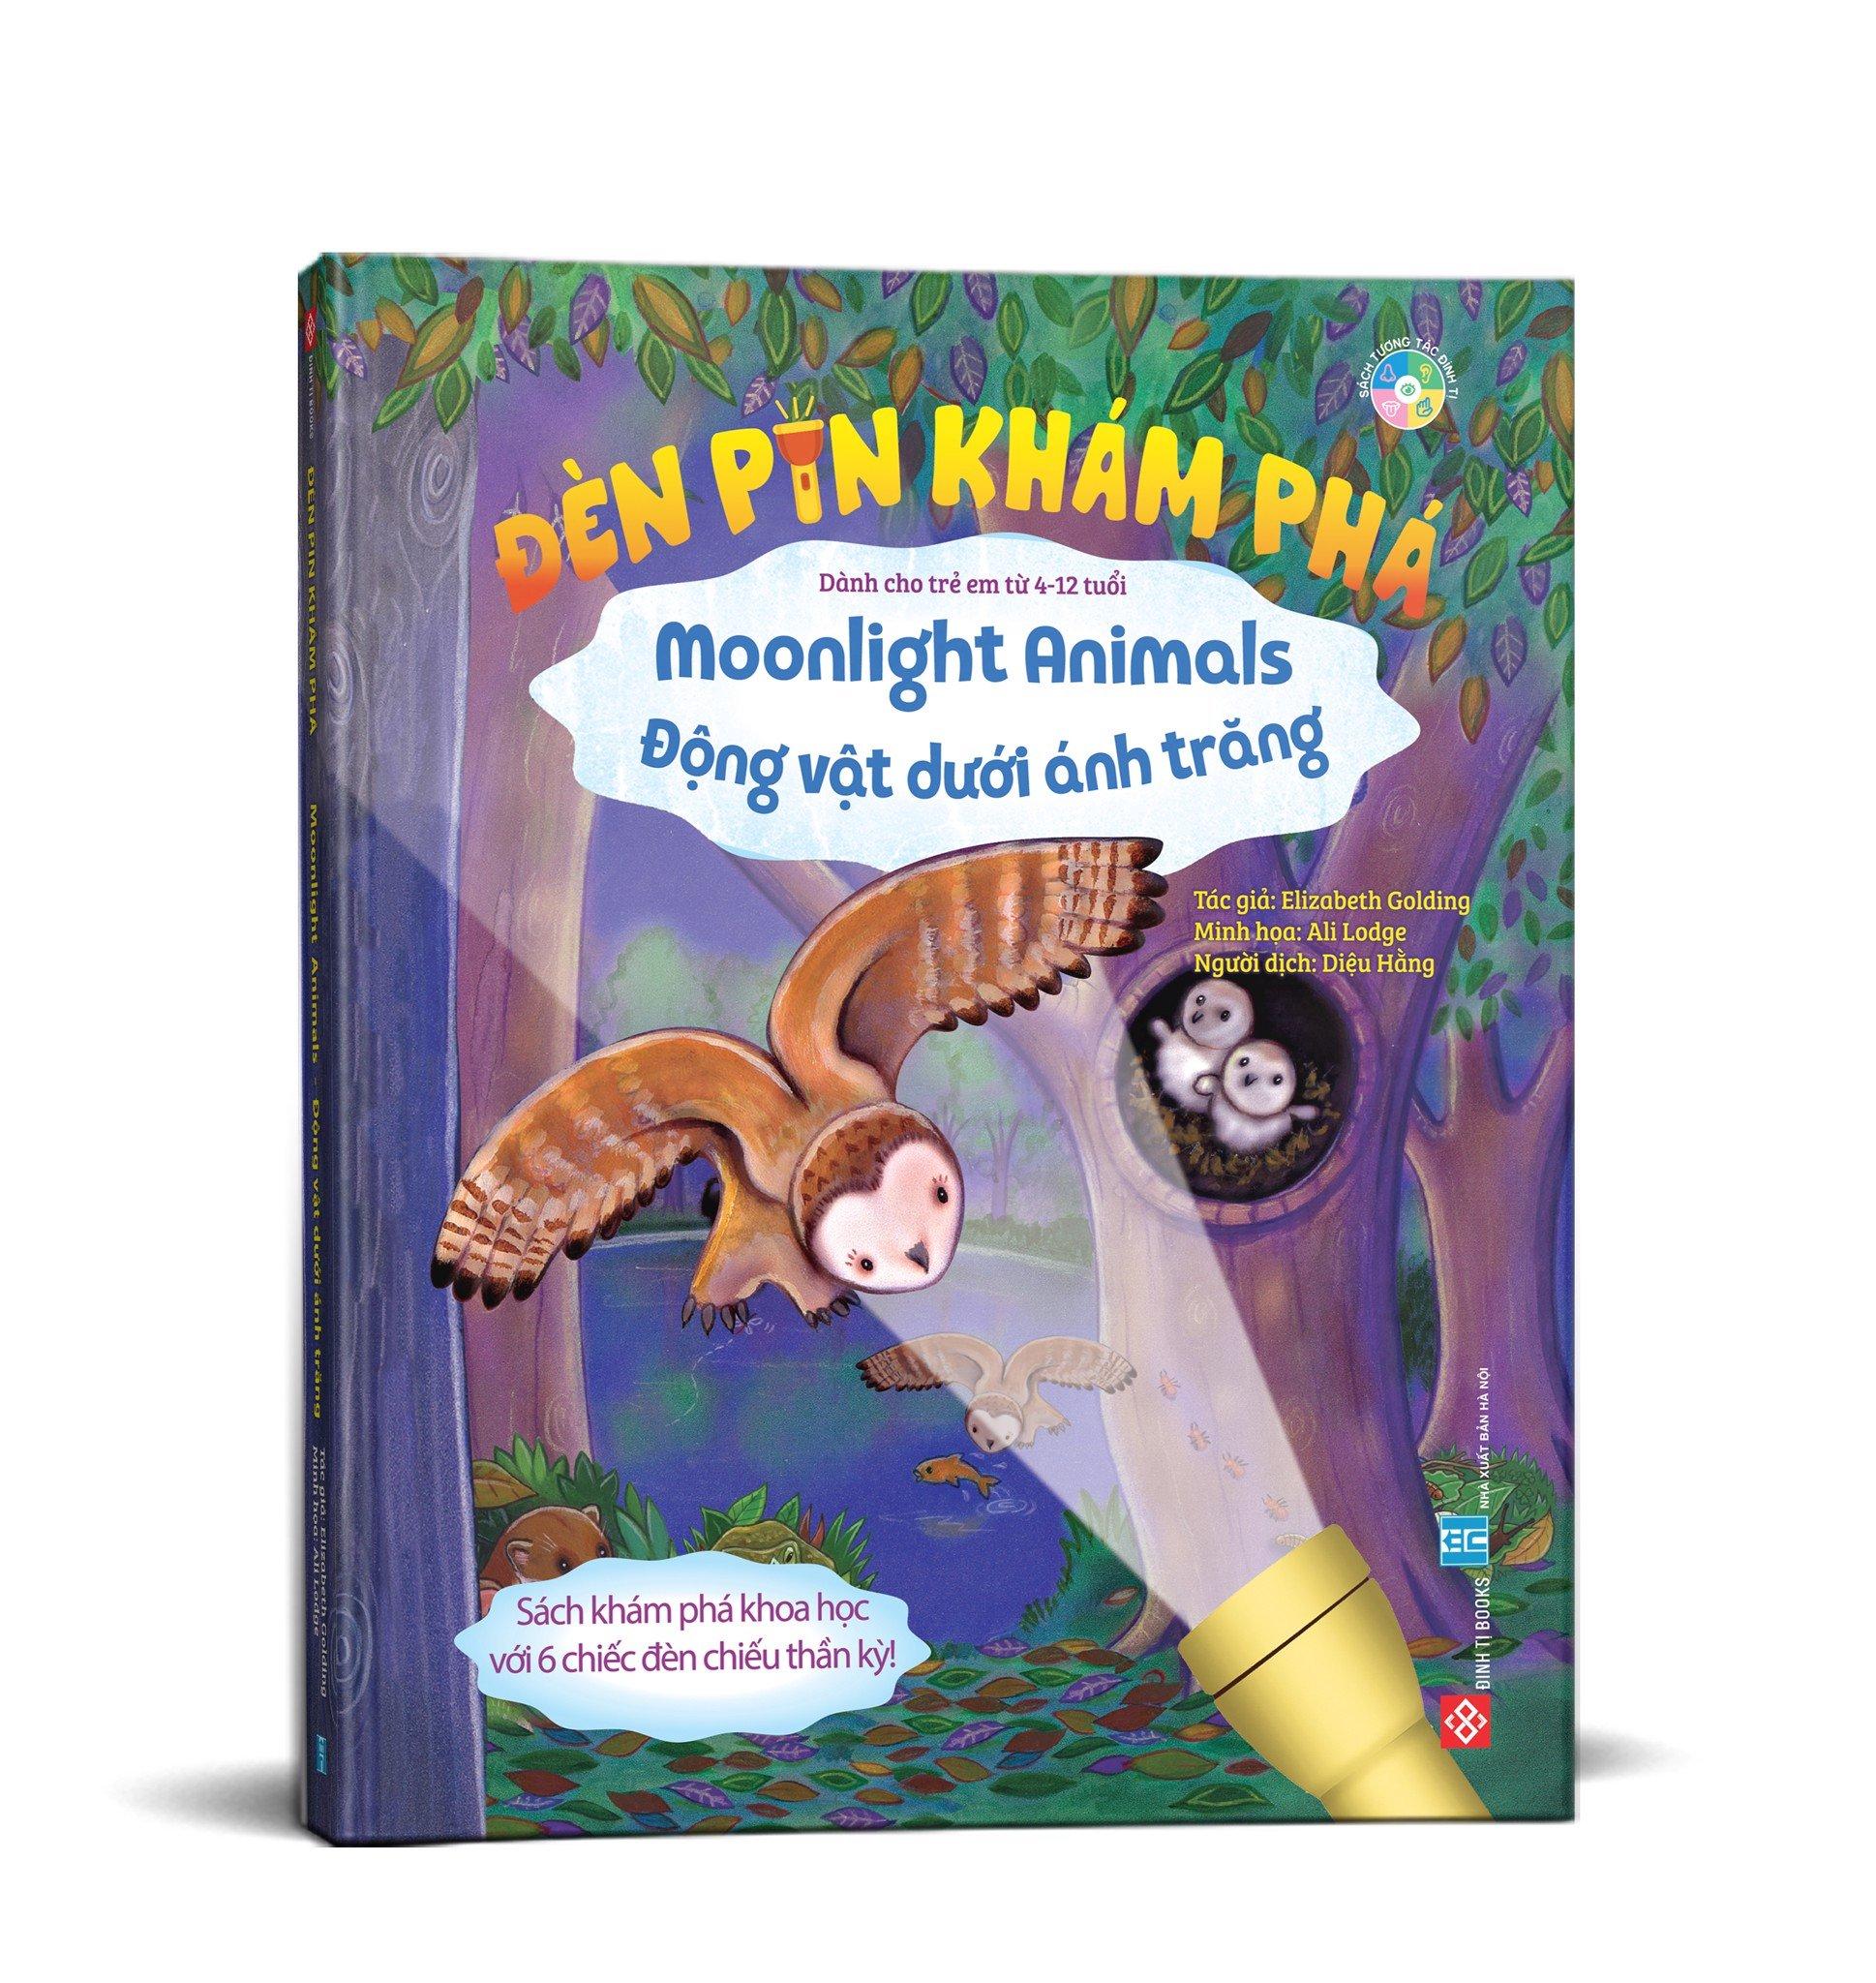 Đèn pin khám phá - Moonlight Animals - Động vật dưới ánh trăng (Đặt trước)